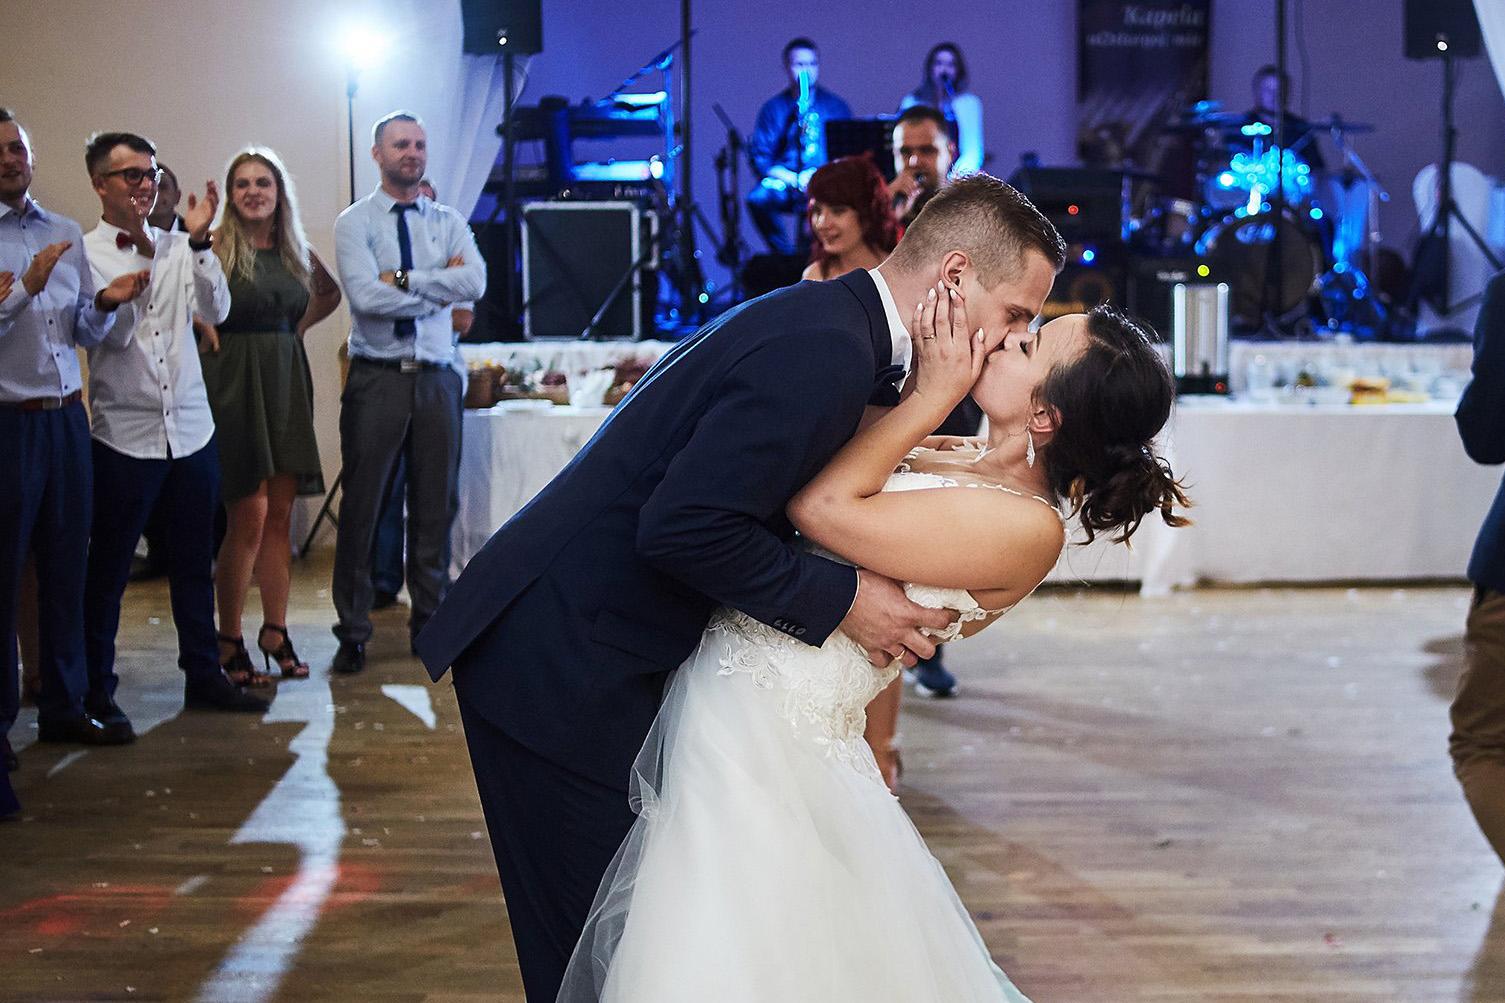 pocałunek, taniec weselny, panna młoda